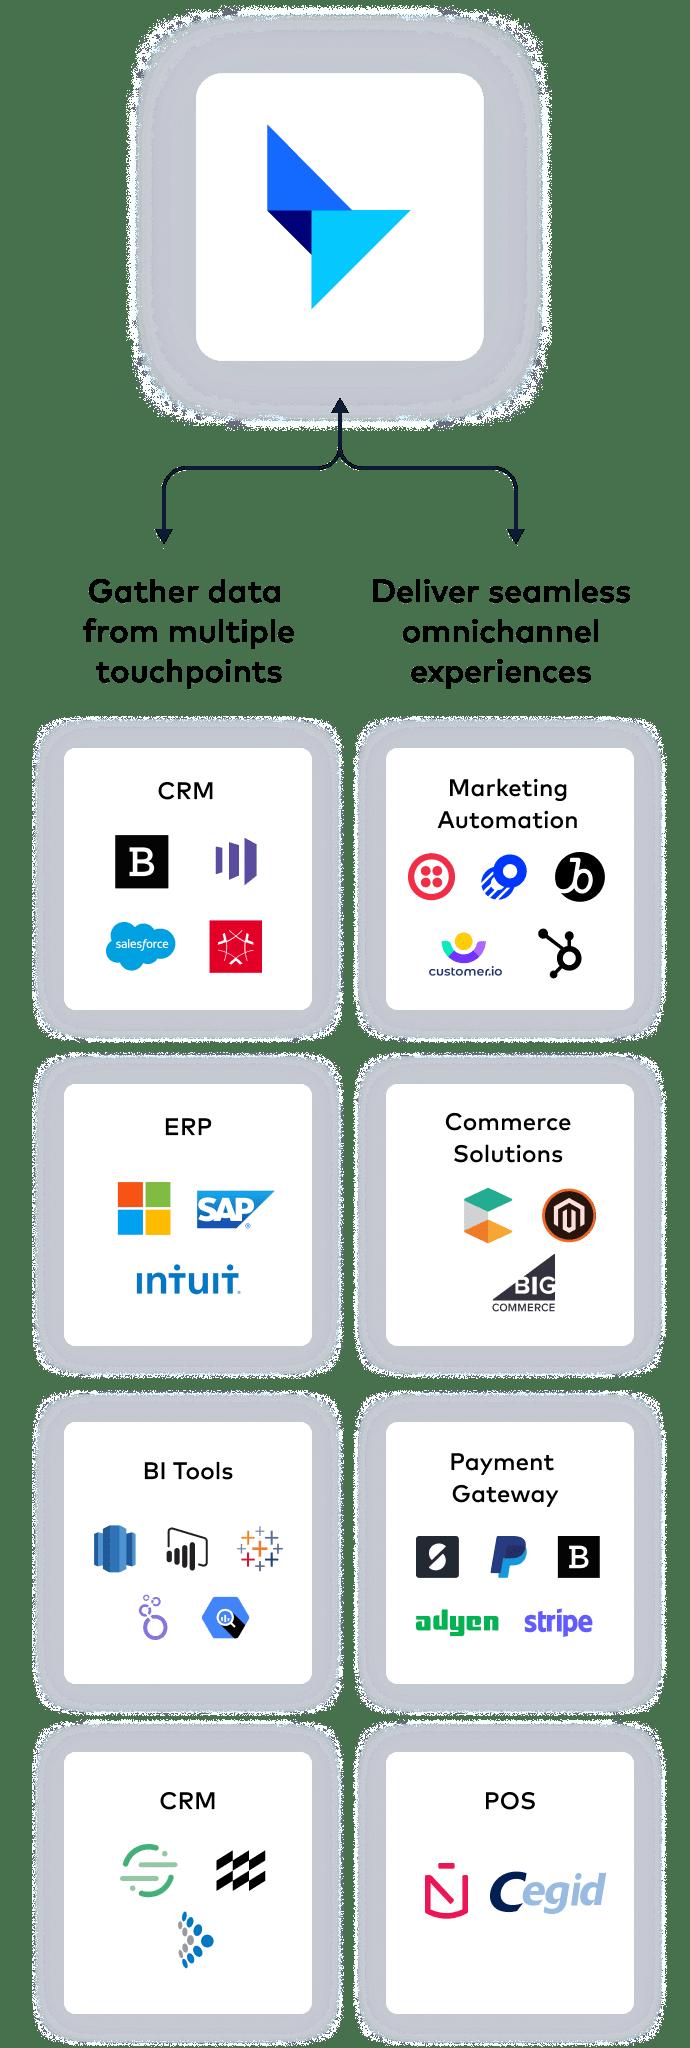 Platform services mobile image